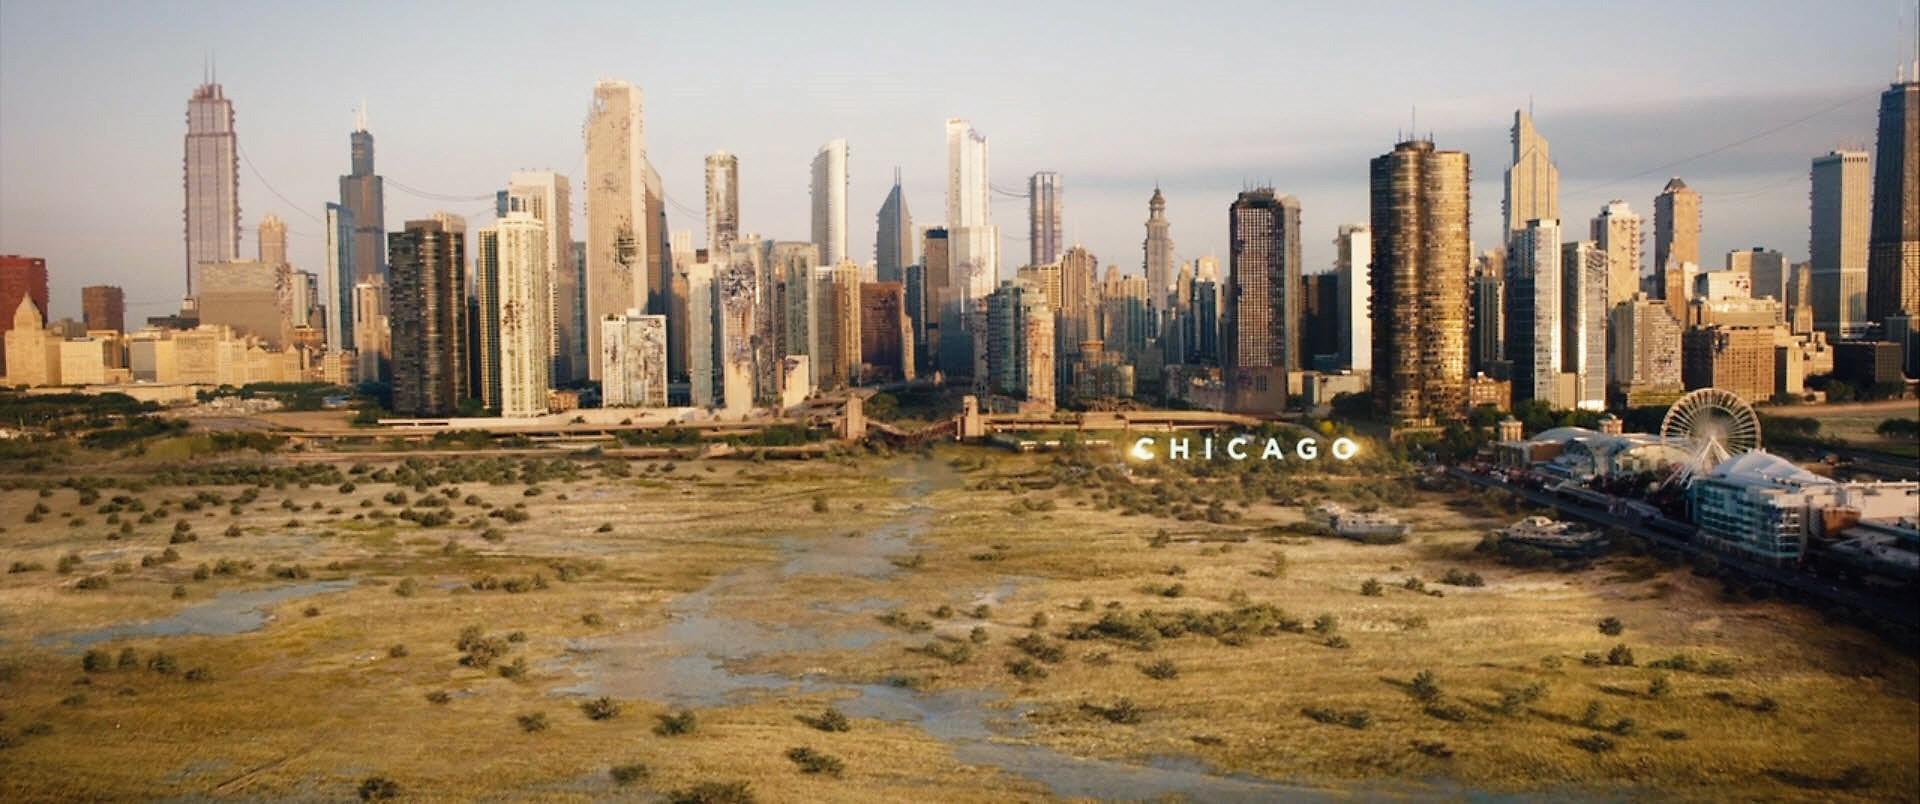 影视英语 - Divergent - abcxyz123.com